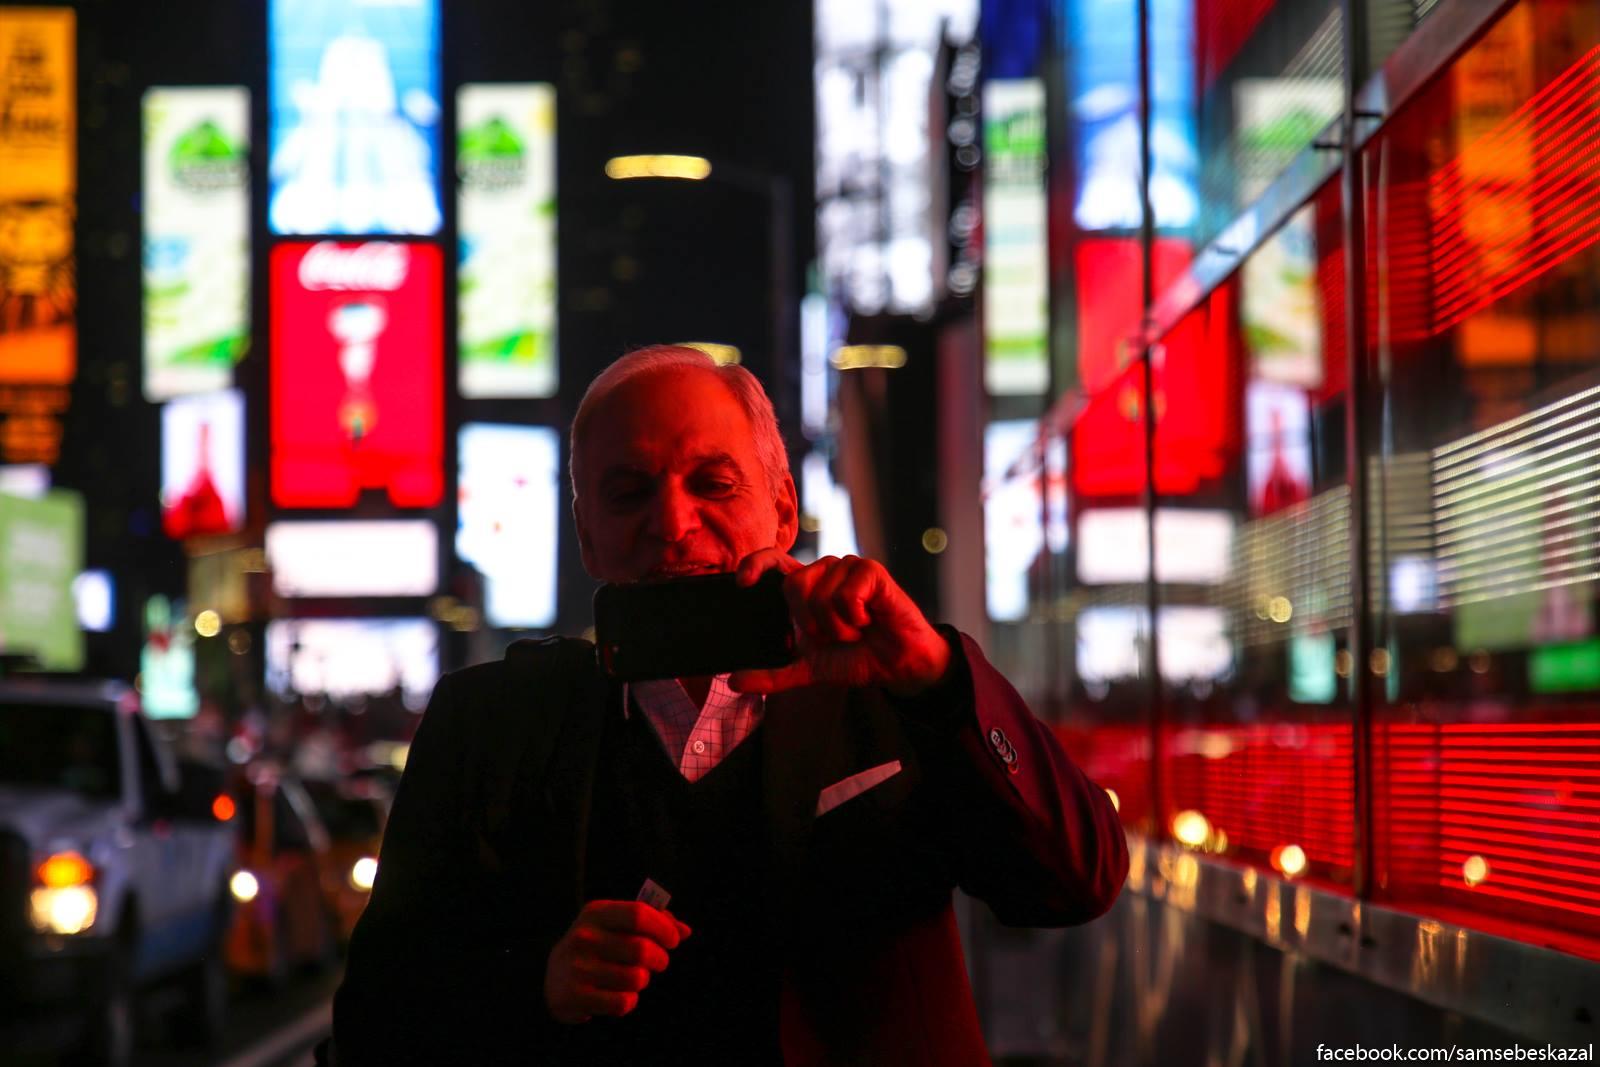 Таймс-сквер вчерашним вечером Таймссквер, НьюЙорк, покажу, Туристы, первым, город, который, устроен, вдруг, интересного, собственные, samsebeskazalcomtours, менее, другого, Статую, Свободы, массу, уникальные, маршруты, показываю